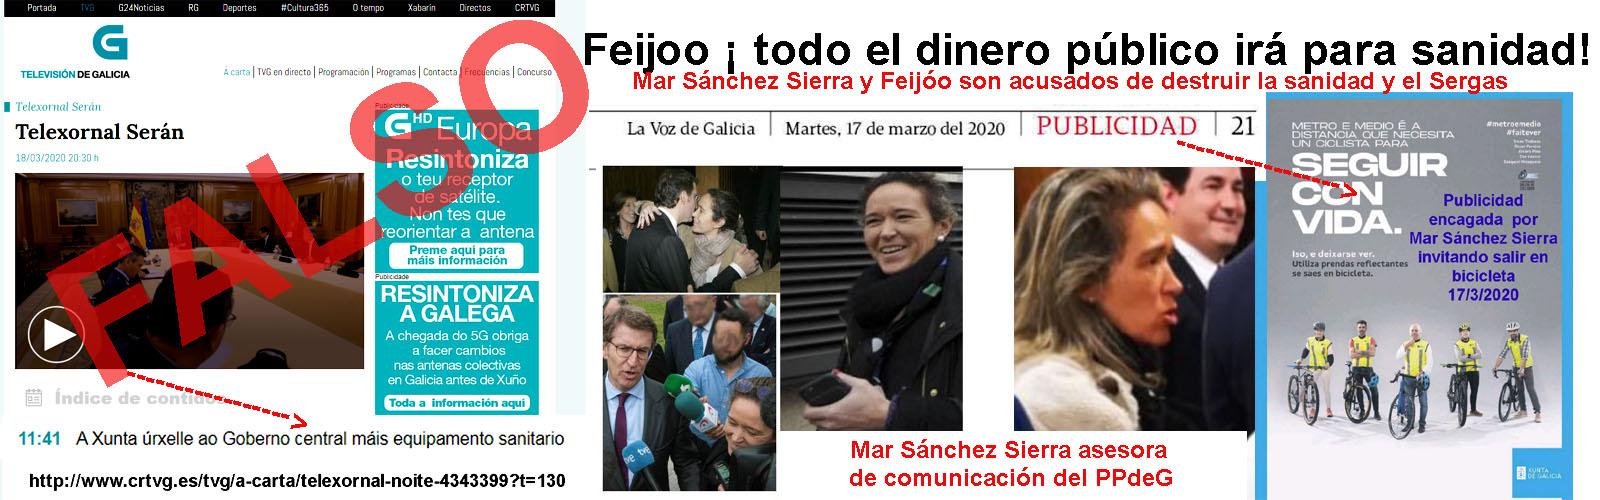 Los peores enemigos para frenar la PANDEMIA DEL CORONA VIRUS son Feijóo, Mar  Sánchez Sierra y el editor de la Voz de Galicia dedicados a llevarse el  dinero de las arcas públicas